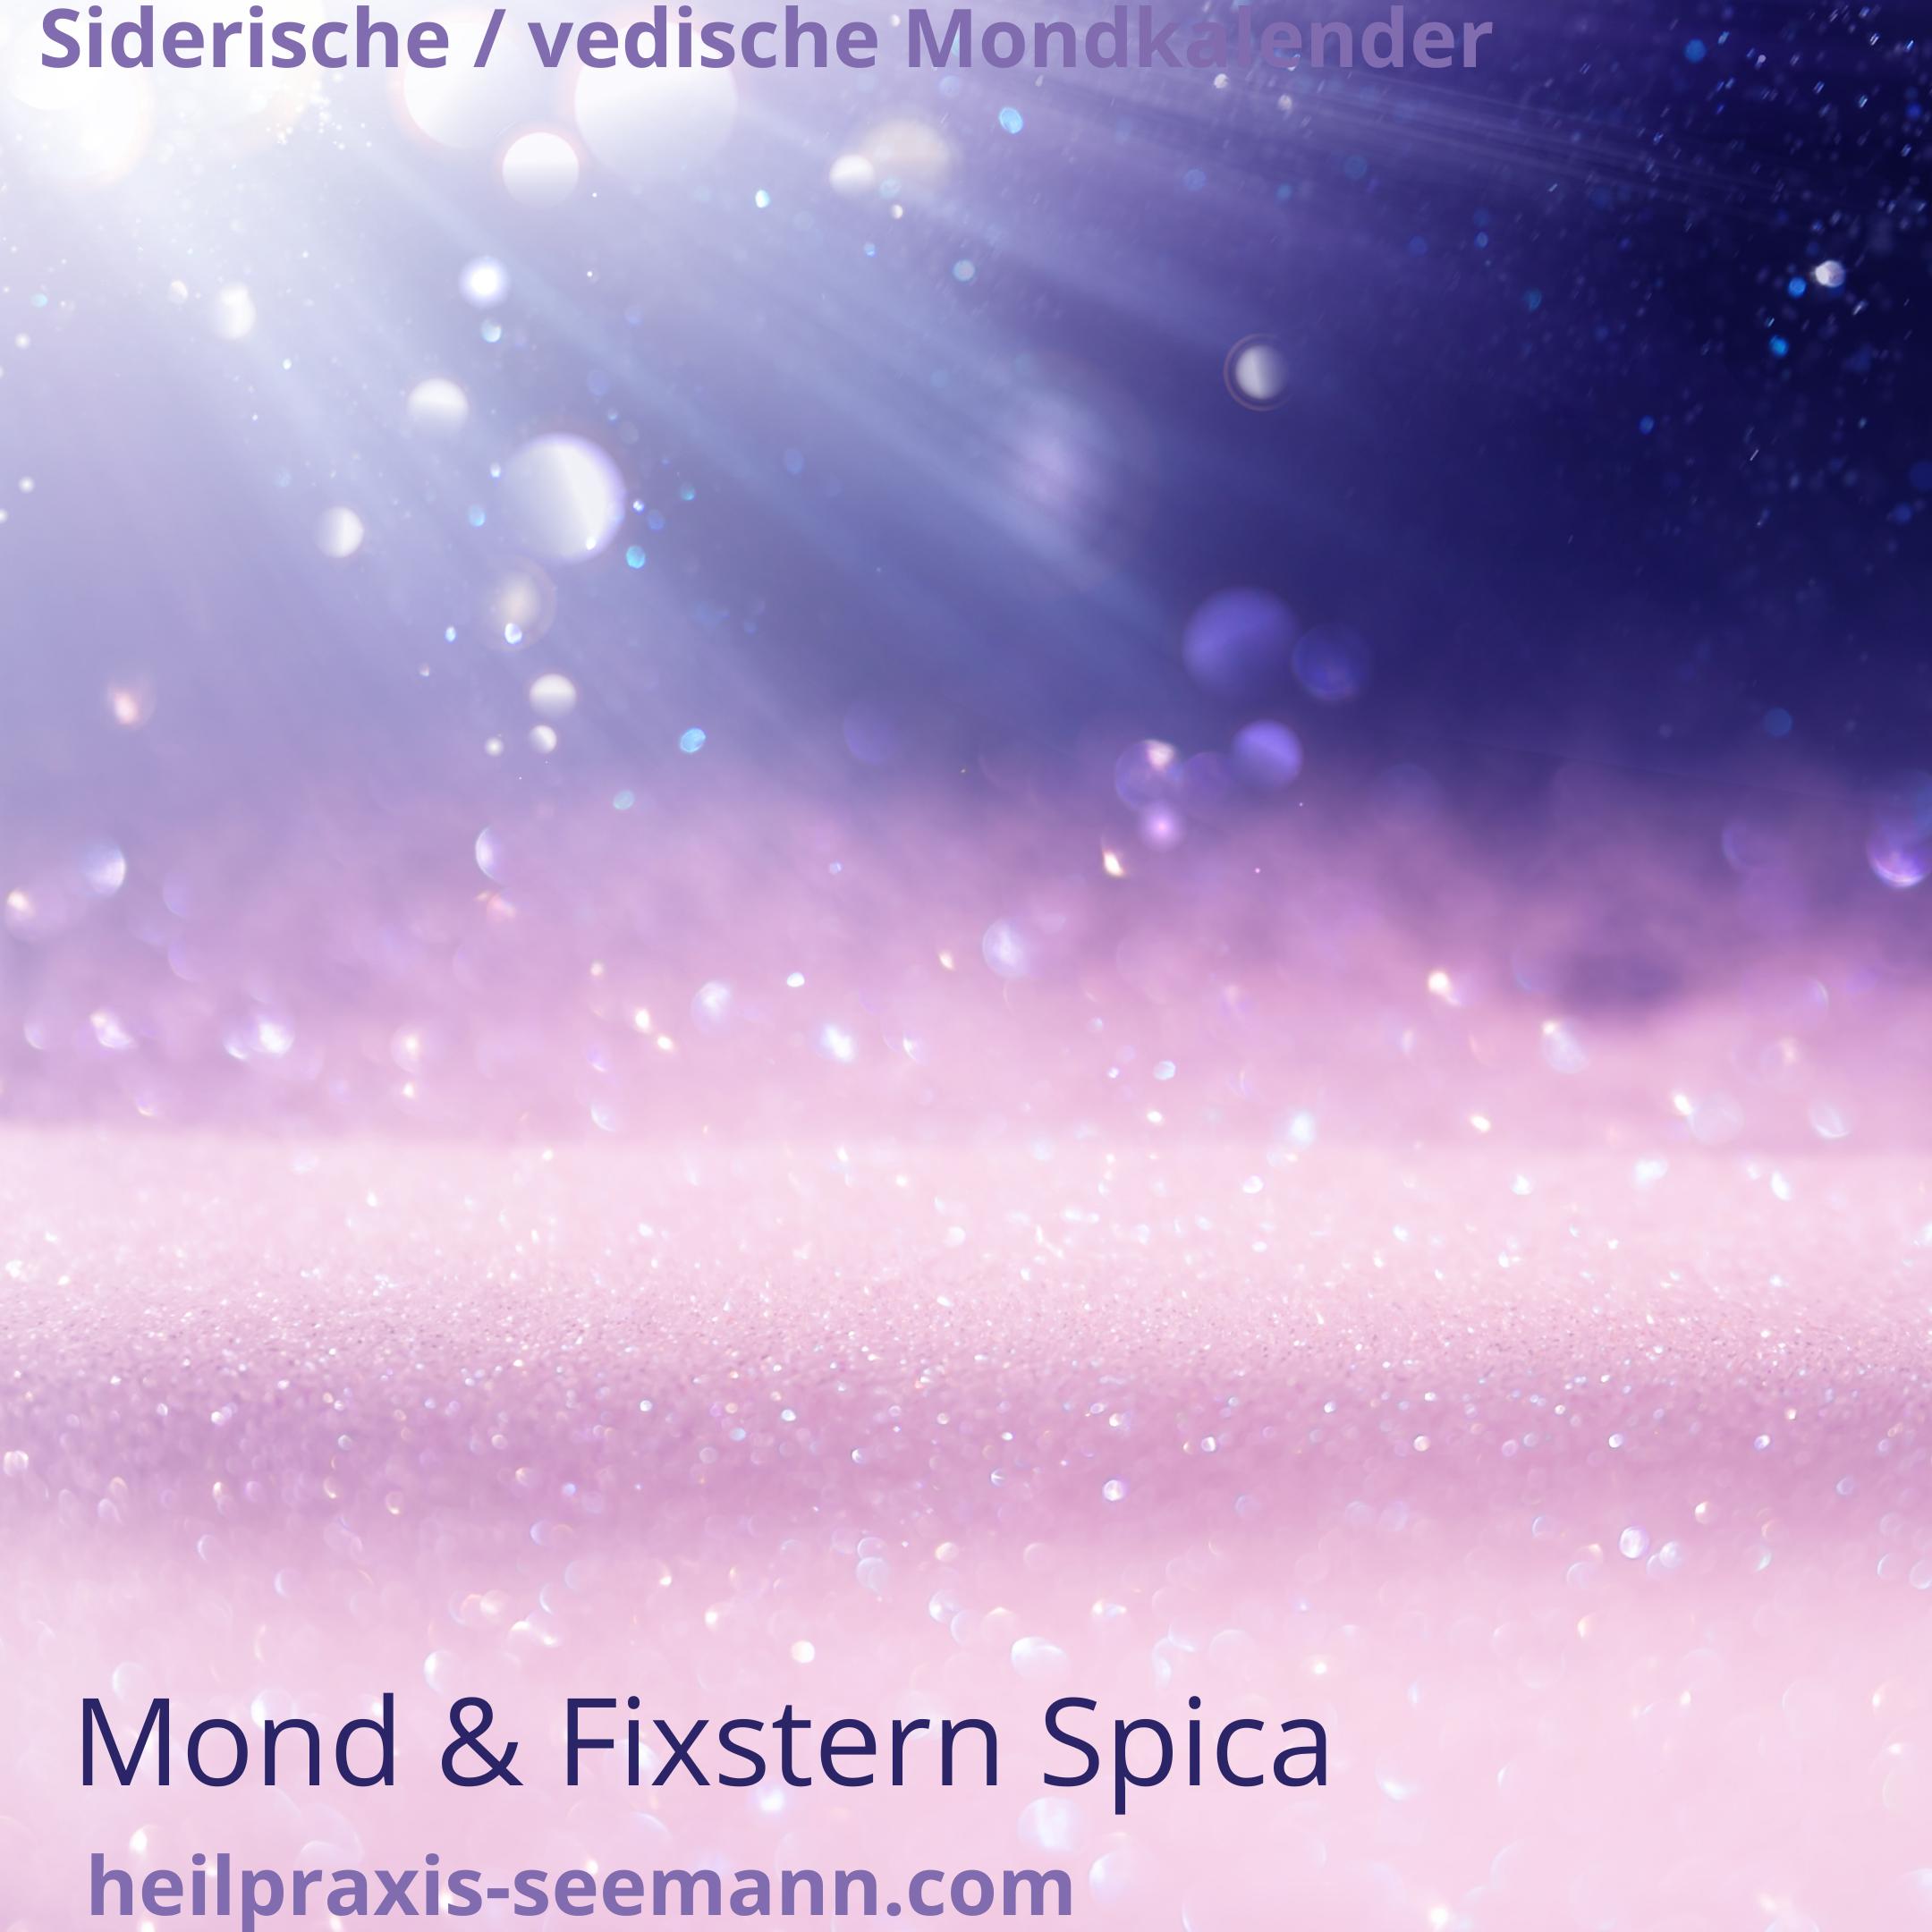 Sicerische Mondkalender _Spica